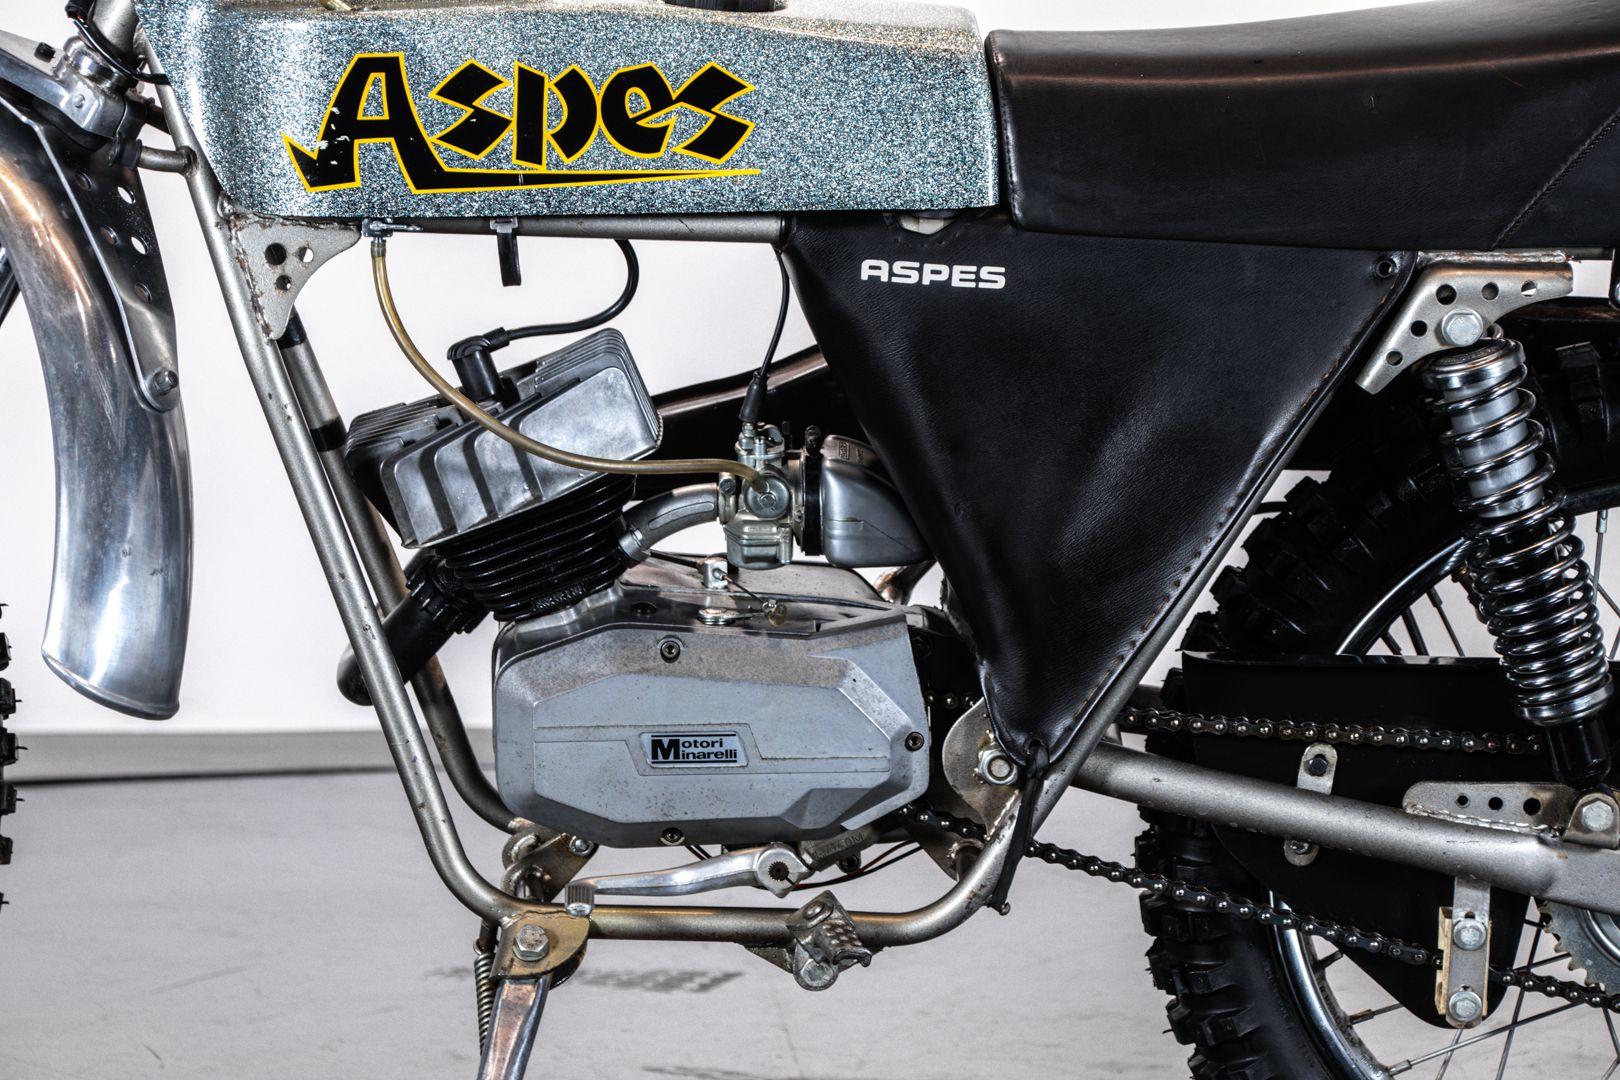 1975 Aspes Cross 50 65408